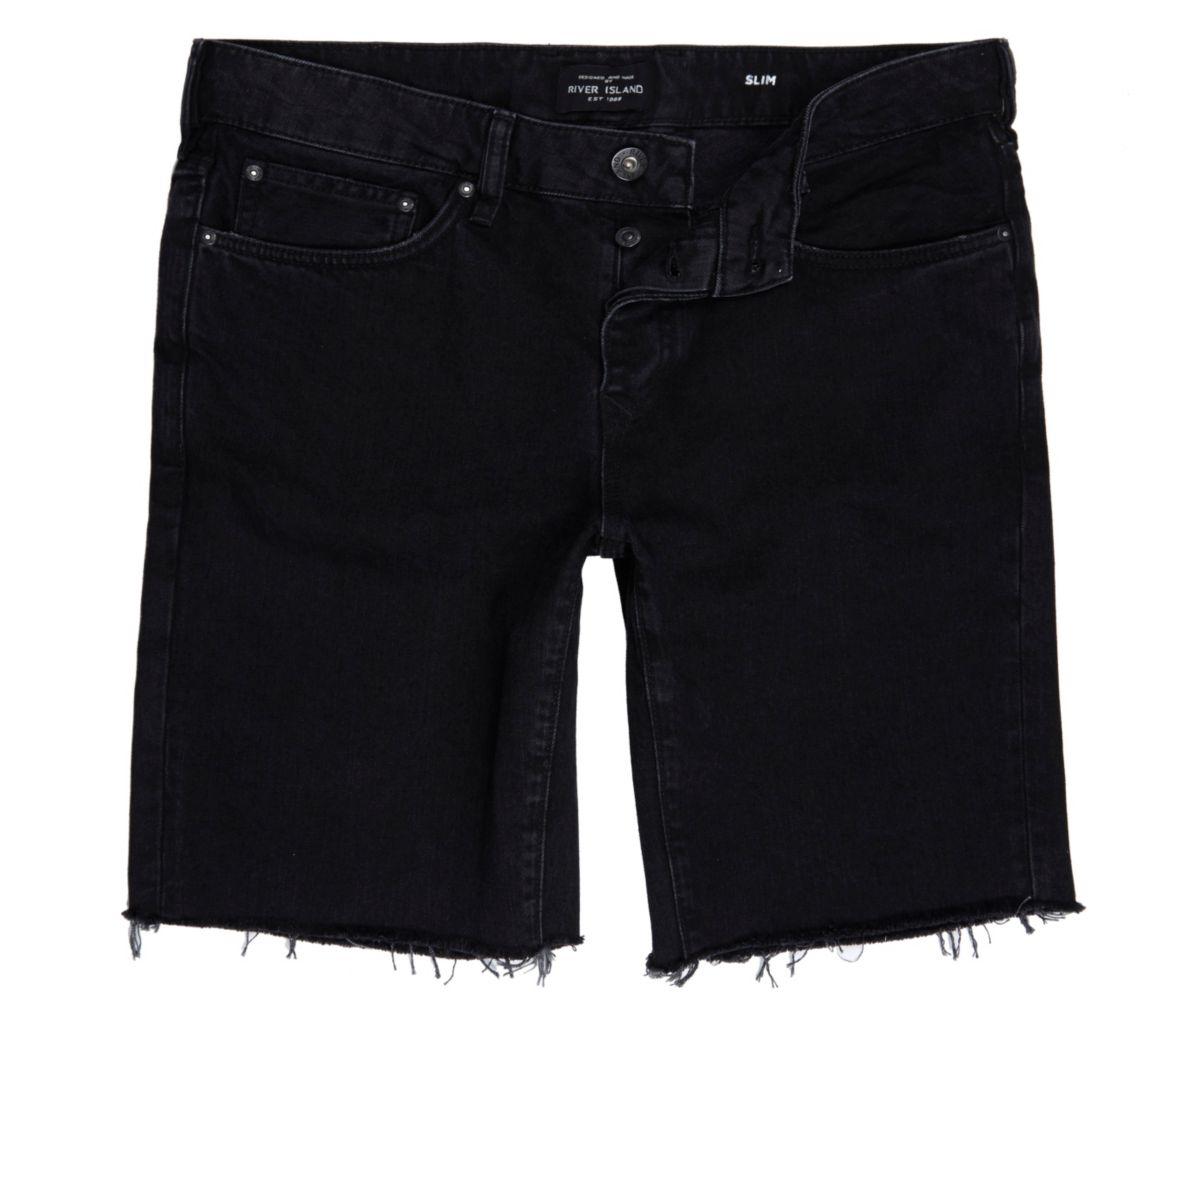 Schwarze, ausgefranste Slim-Fit-Jeansshorts im Used-Look